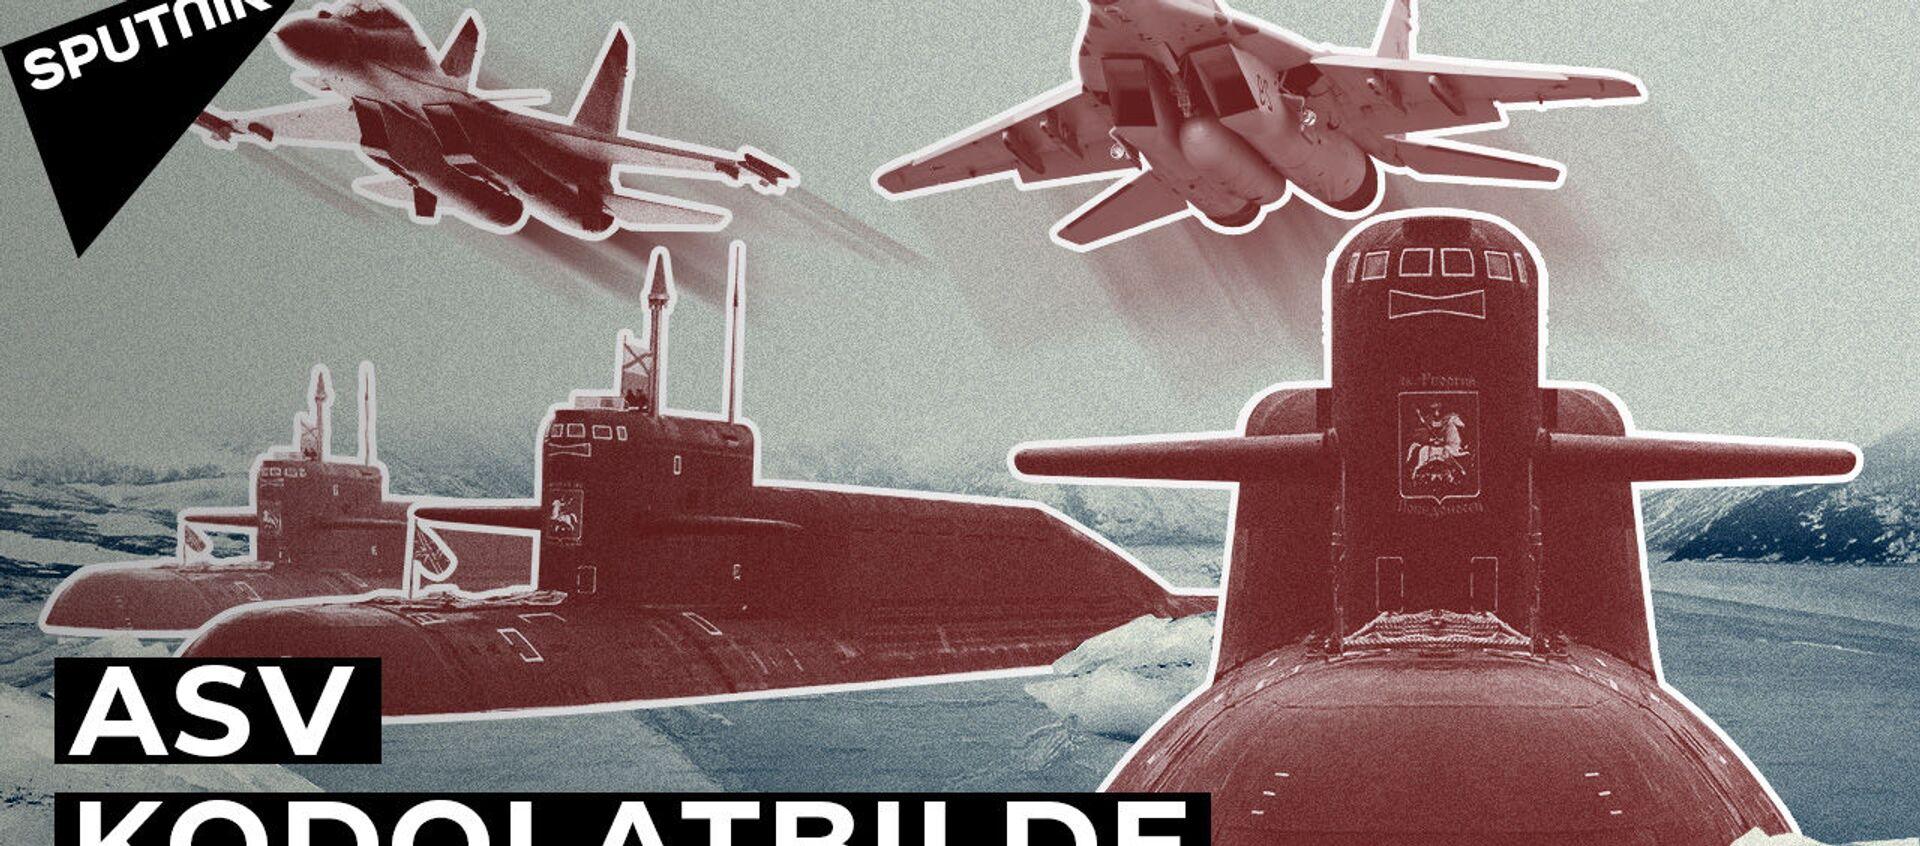 Kāpēc ASV izbijušās no Krievijas arktiskās ekspedīcijas Umka 2021 - Sputnik Latvija, 1920, 31.03.2021